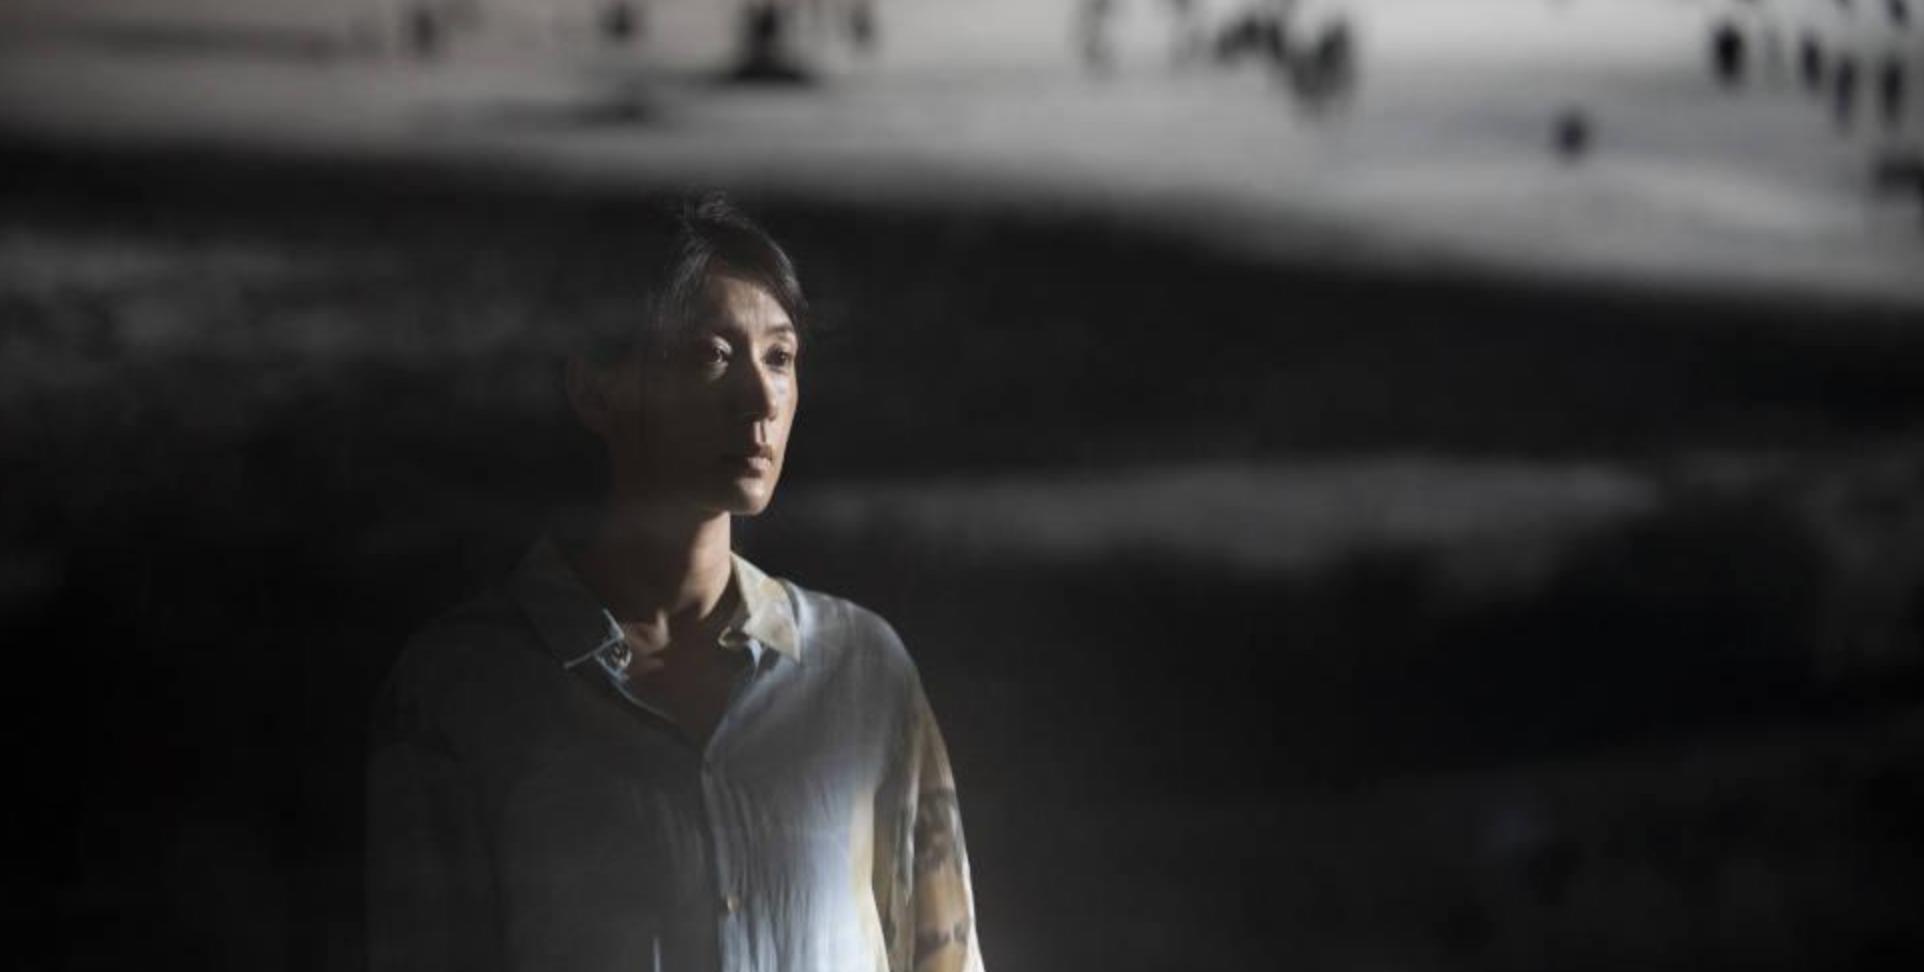 Mostra del Cinema. Dinamiche familiari ai tempi del Covid in Pubu di Chung Mong-hong